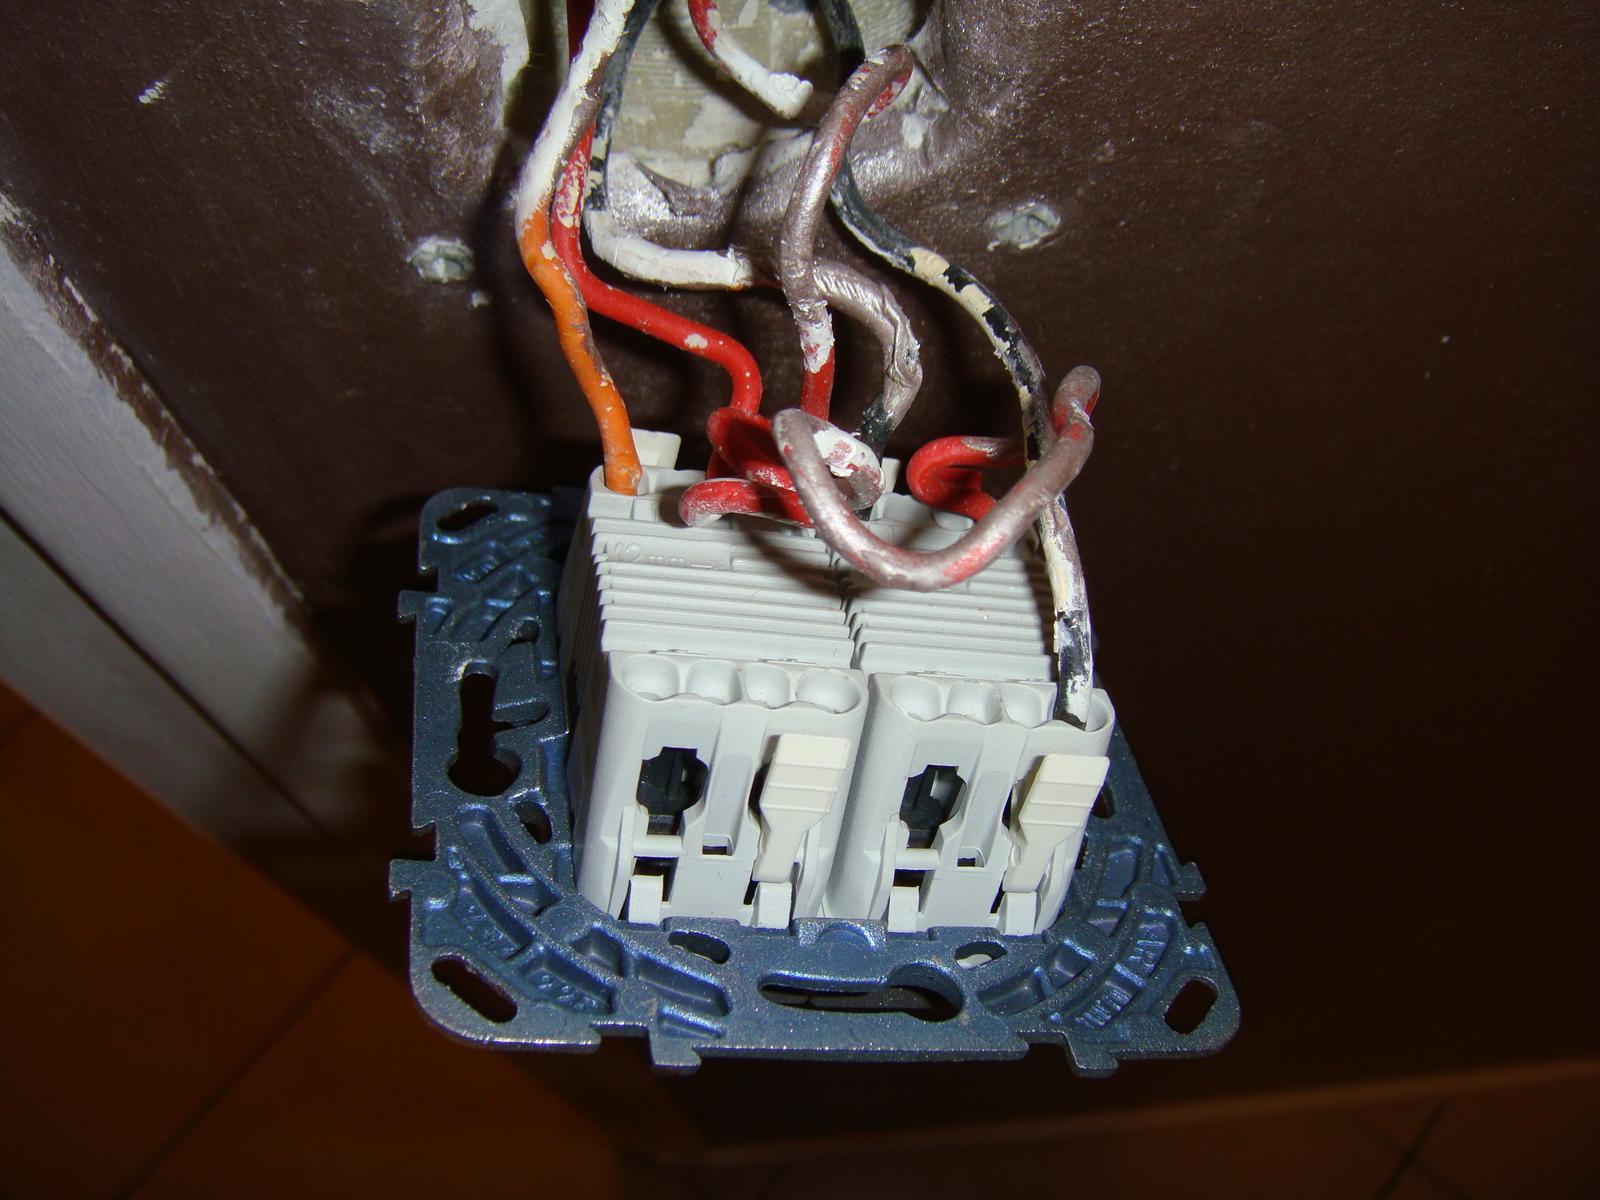 Comment brancher mon double interrupteur va et vient correctement - Comment brancher un interrupteur double ...